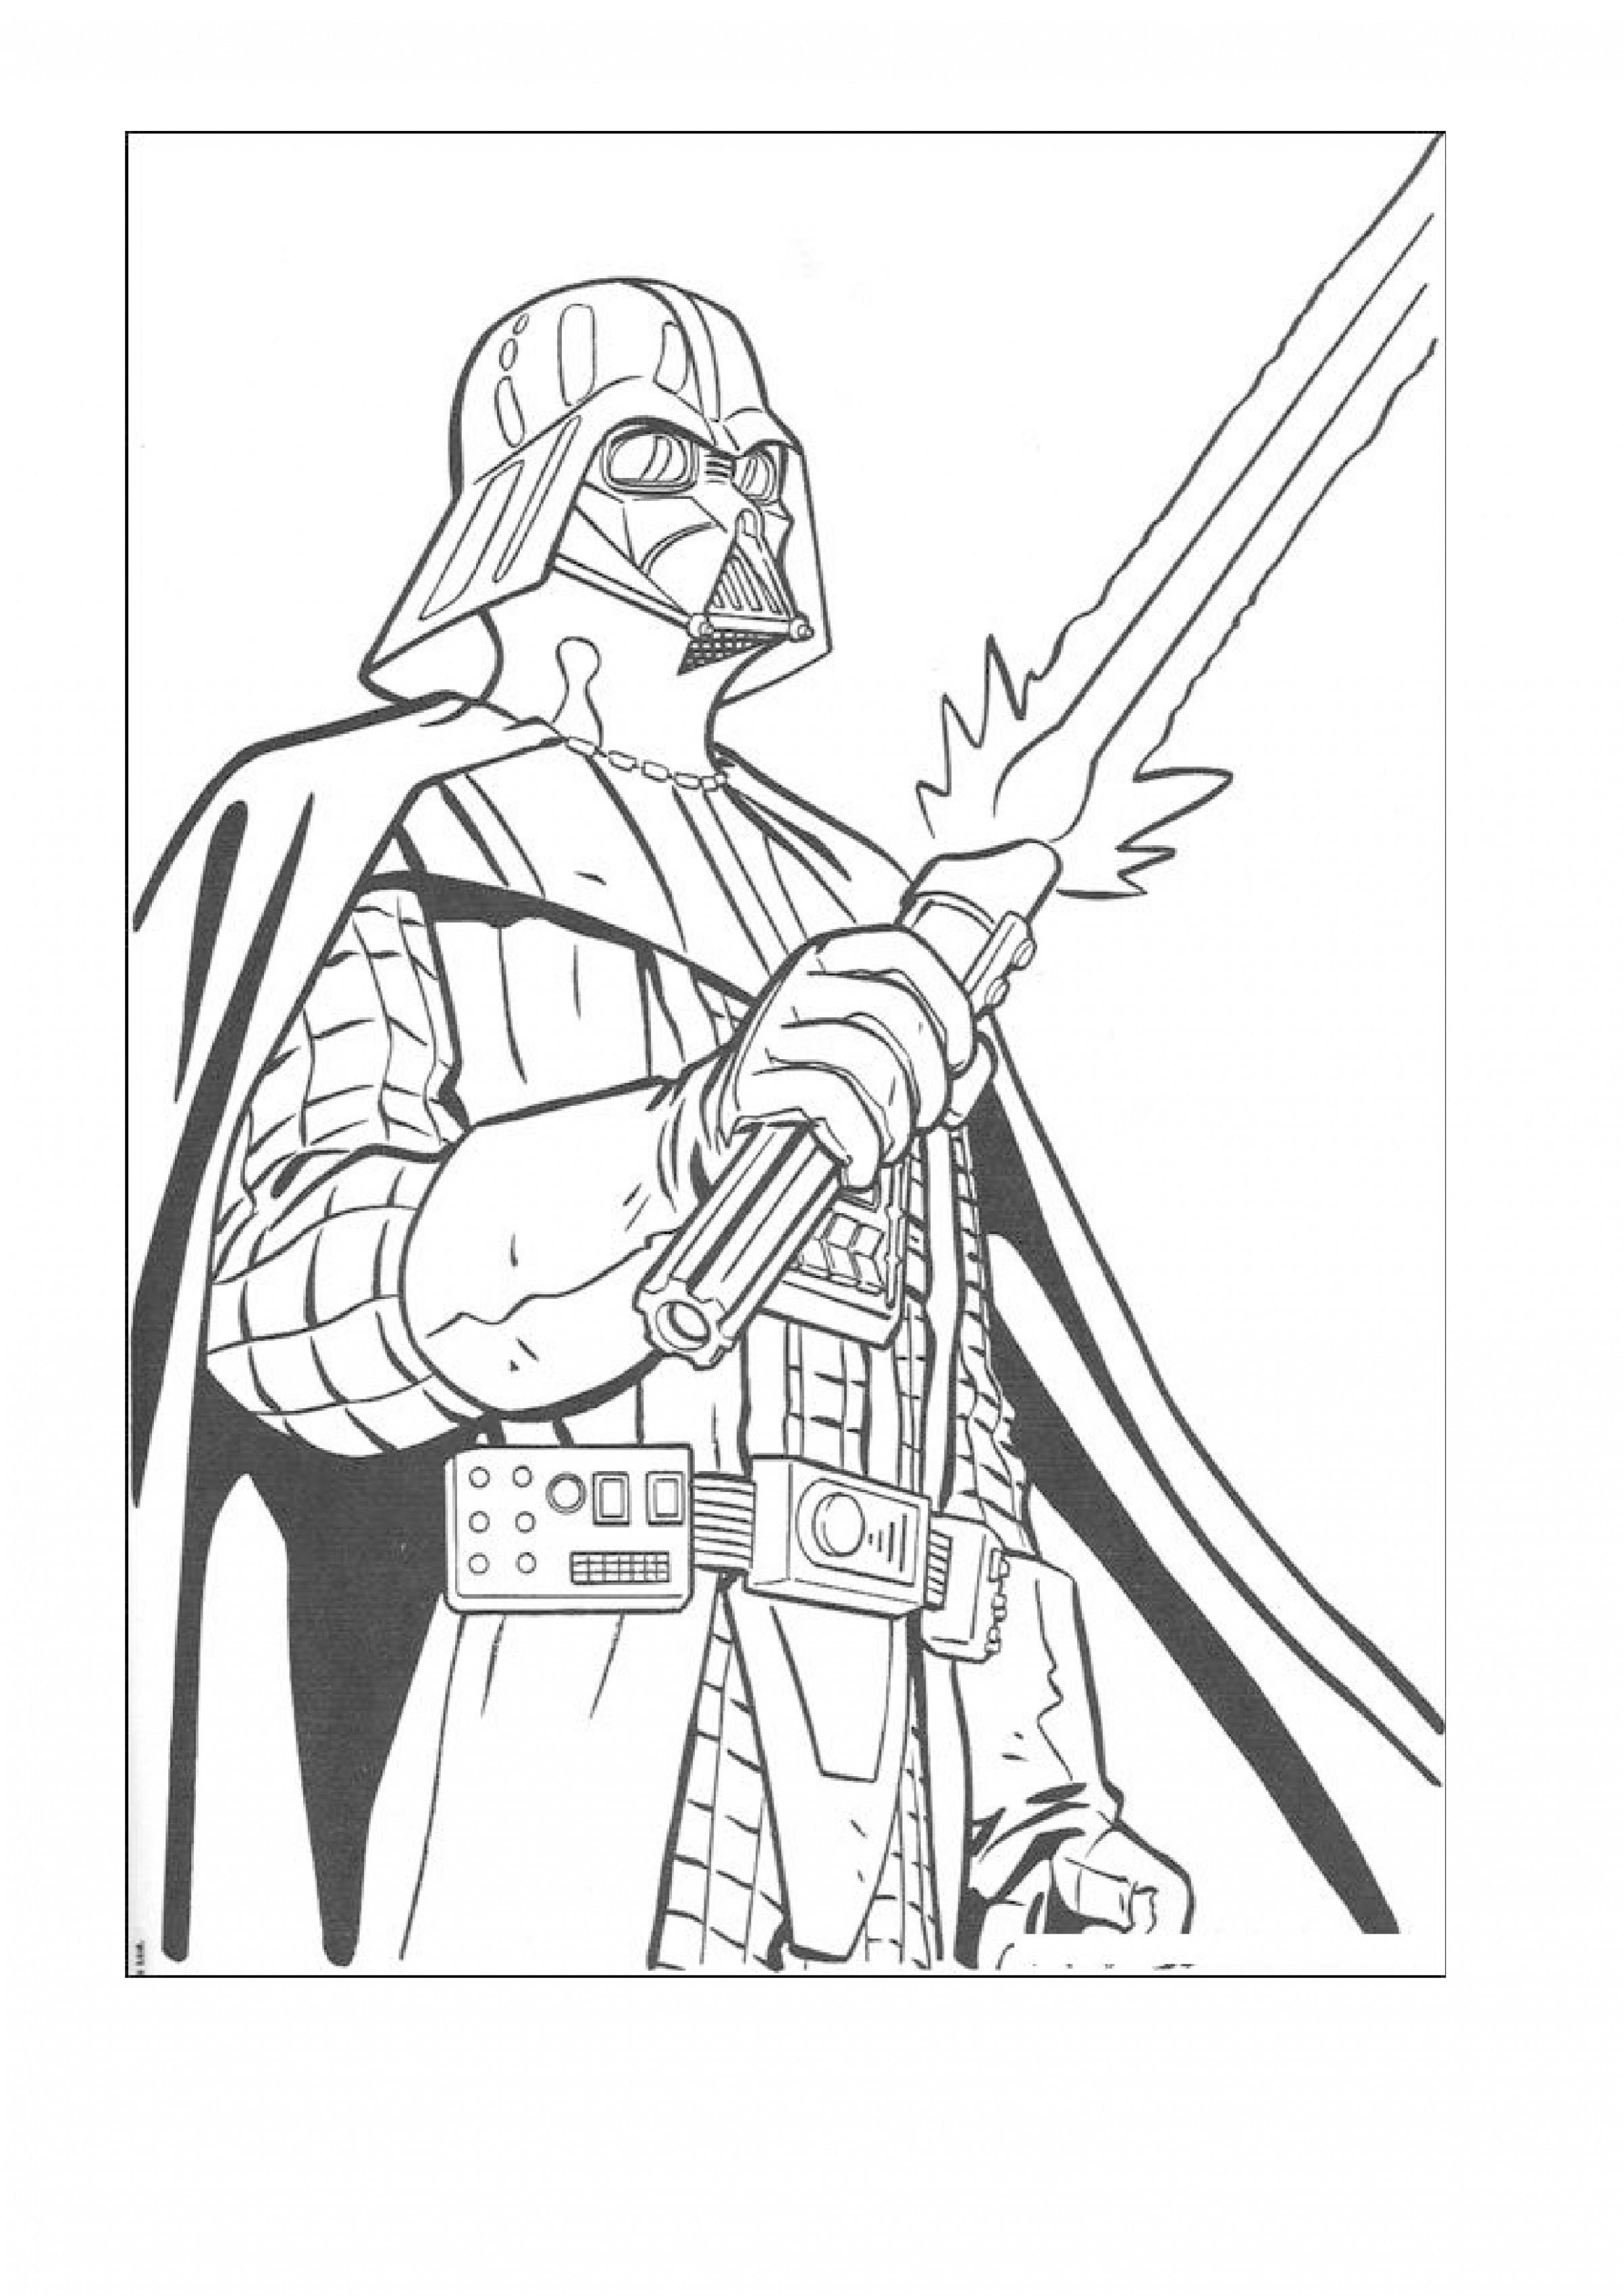 Boba Fett Ausmalbilder Einzigartig 25 Erstaunlich Star Wars Ausmalbilder Von Anakin Inspirierend Stock